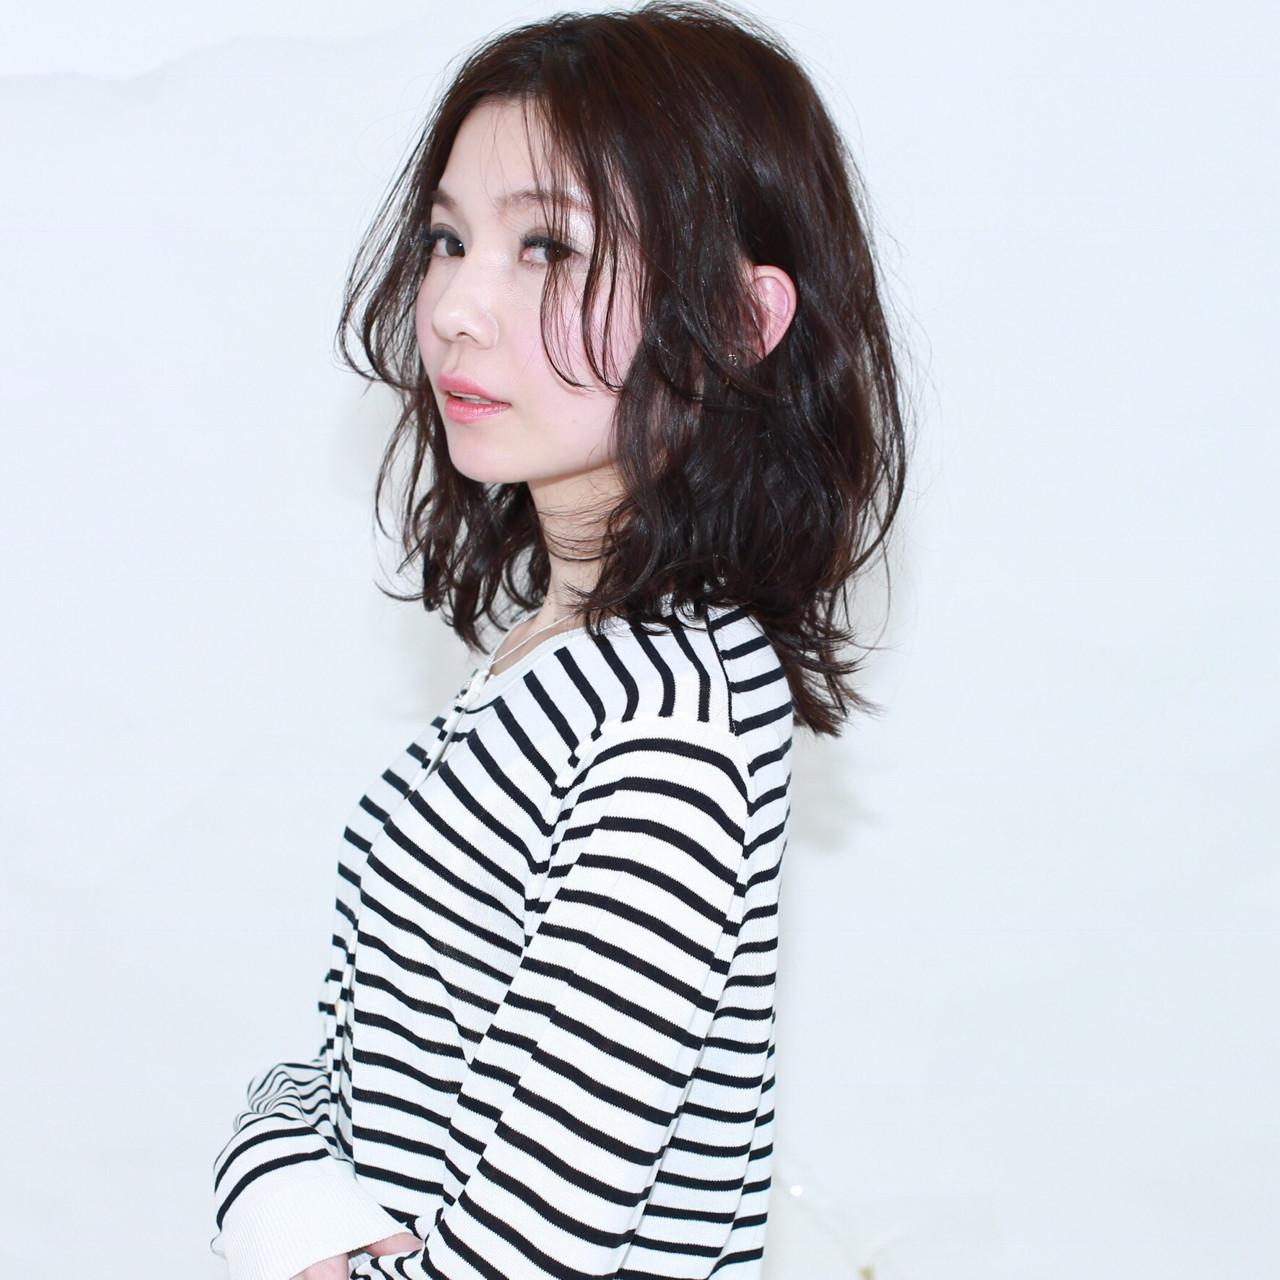 なりたい自分になれる!黒髪セミディのヘアスタイルカタログ イマムラ スナオ